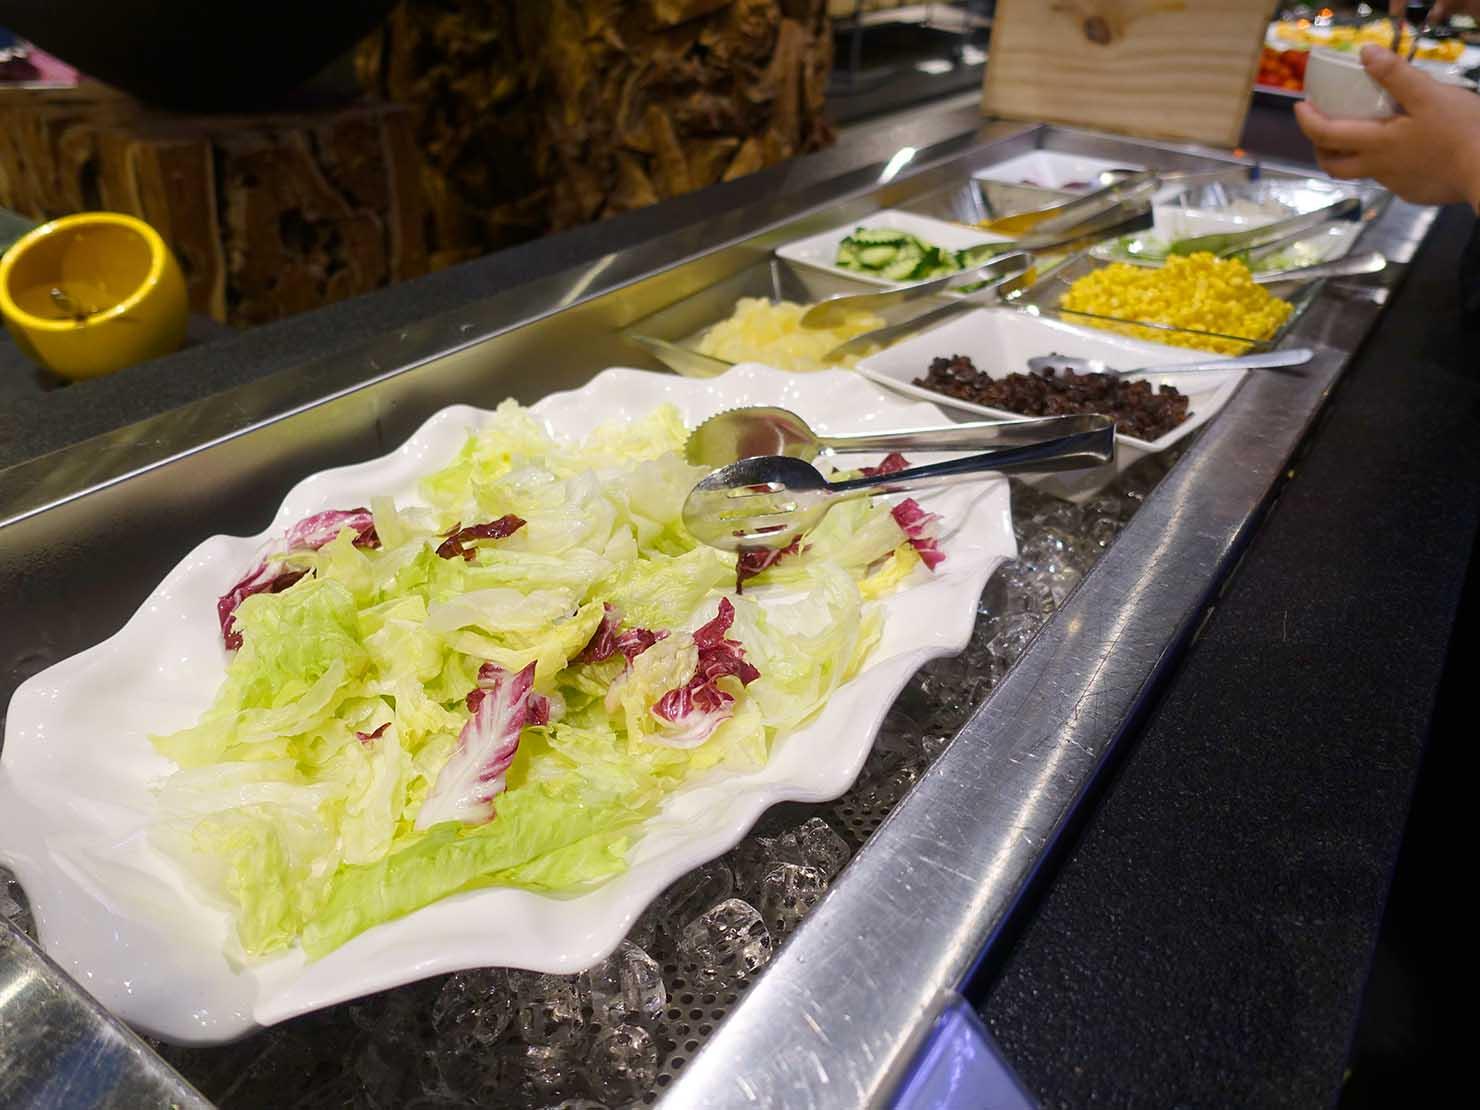 嘉義のおすすめホテル「嘉義觀止」B1F觀止餐廳でいただく朝食ビュッフェのサラダ